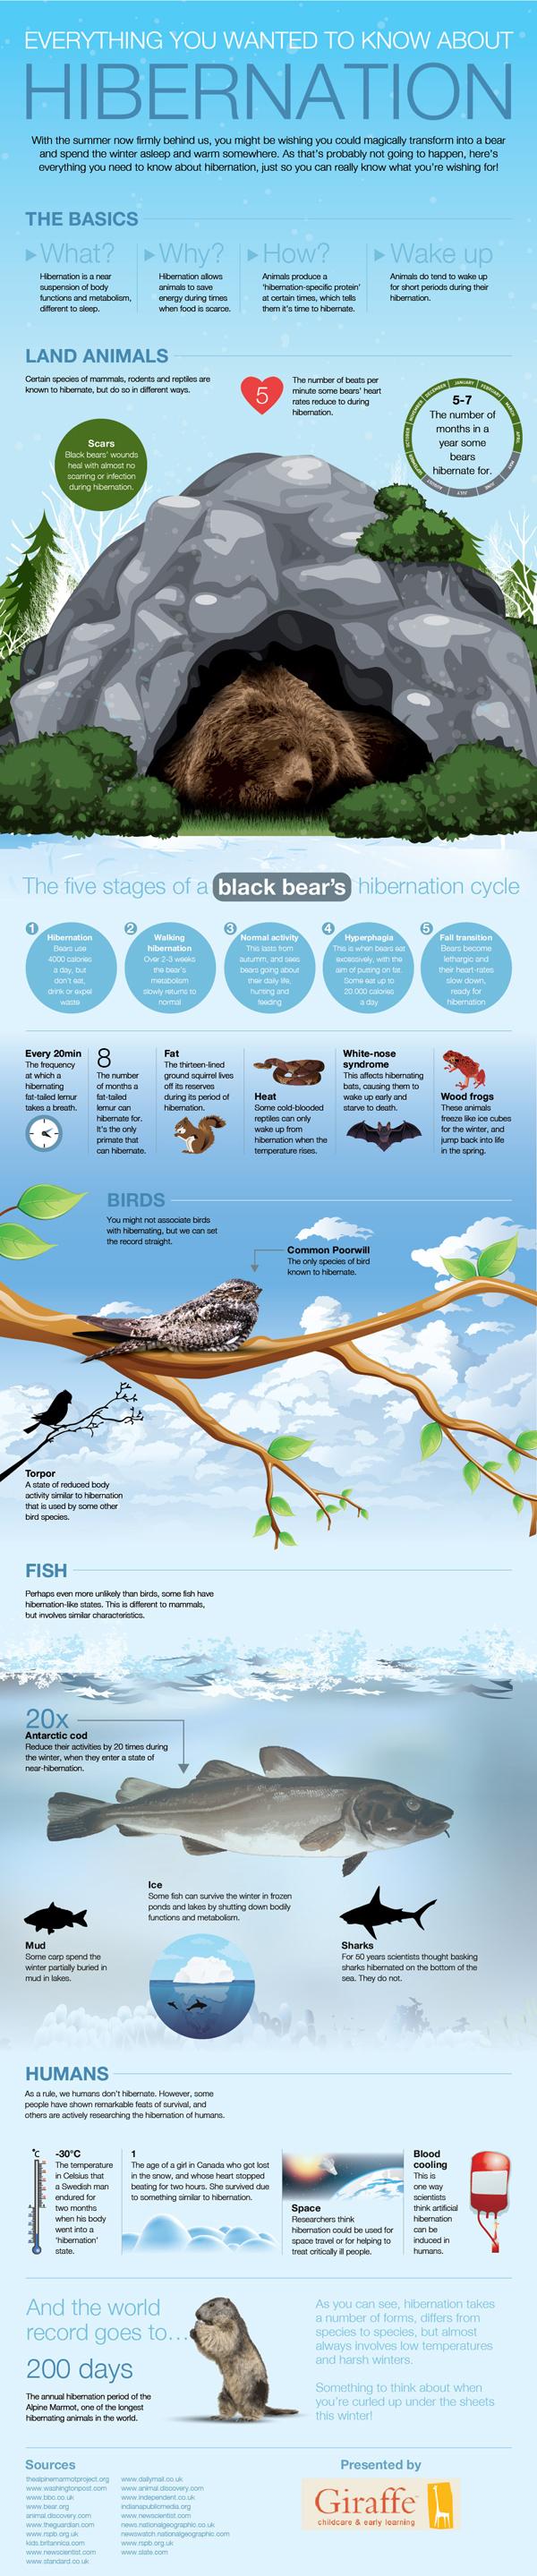 hibernation explained infographic 600w